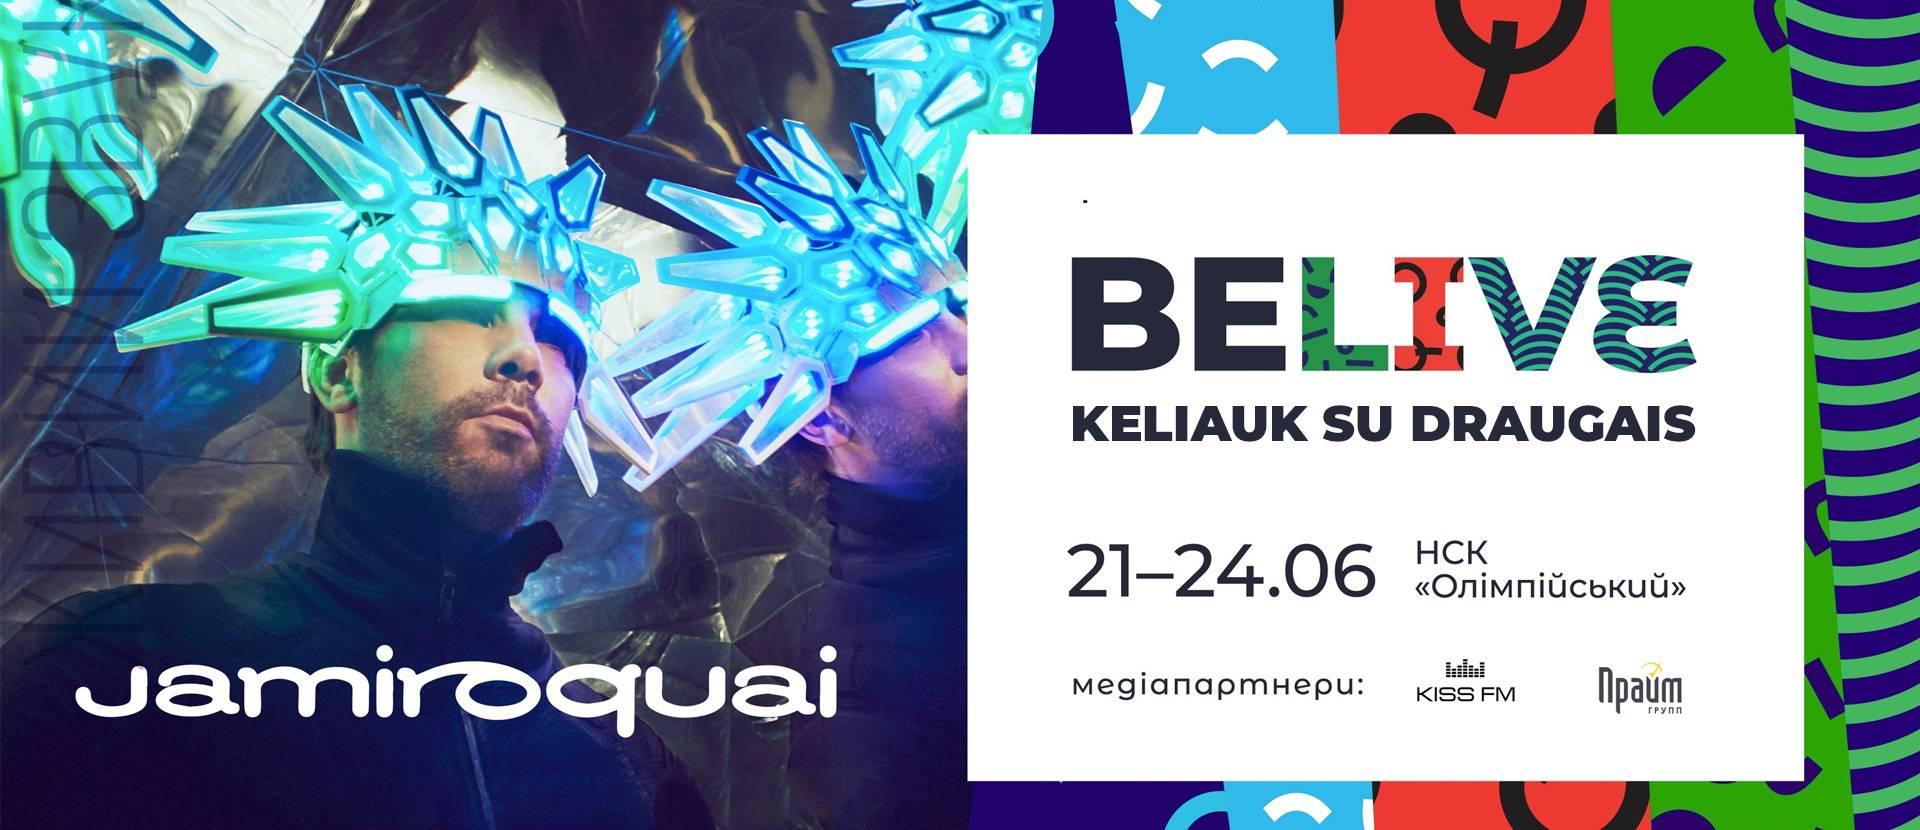 BeLive Festival